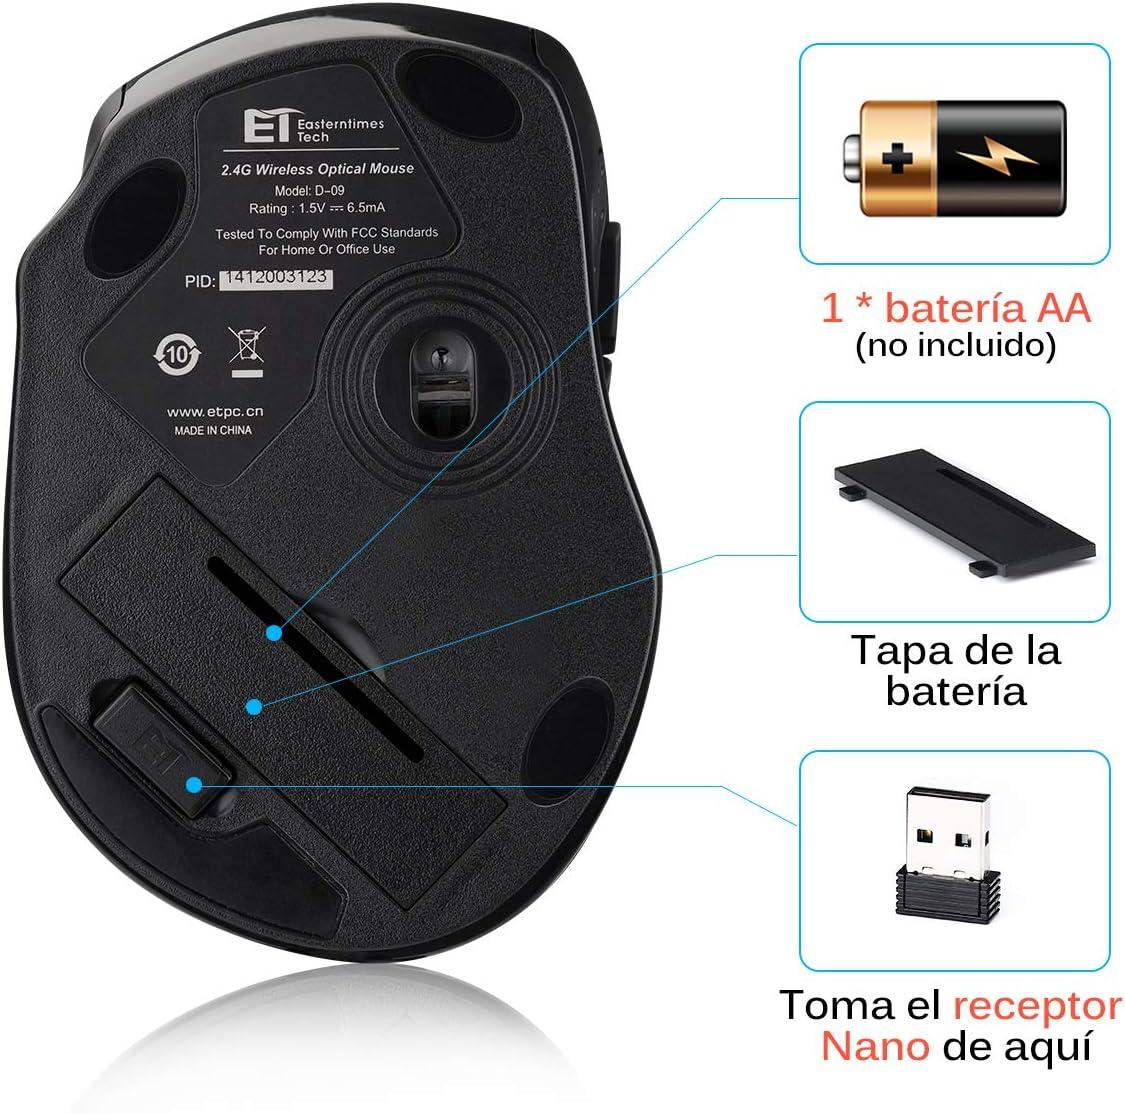 Los ratones inalámbricos para PC más vendidos